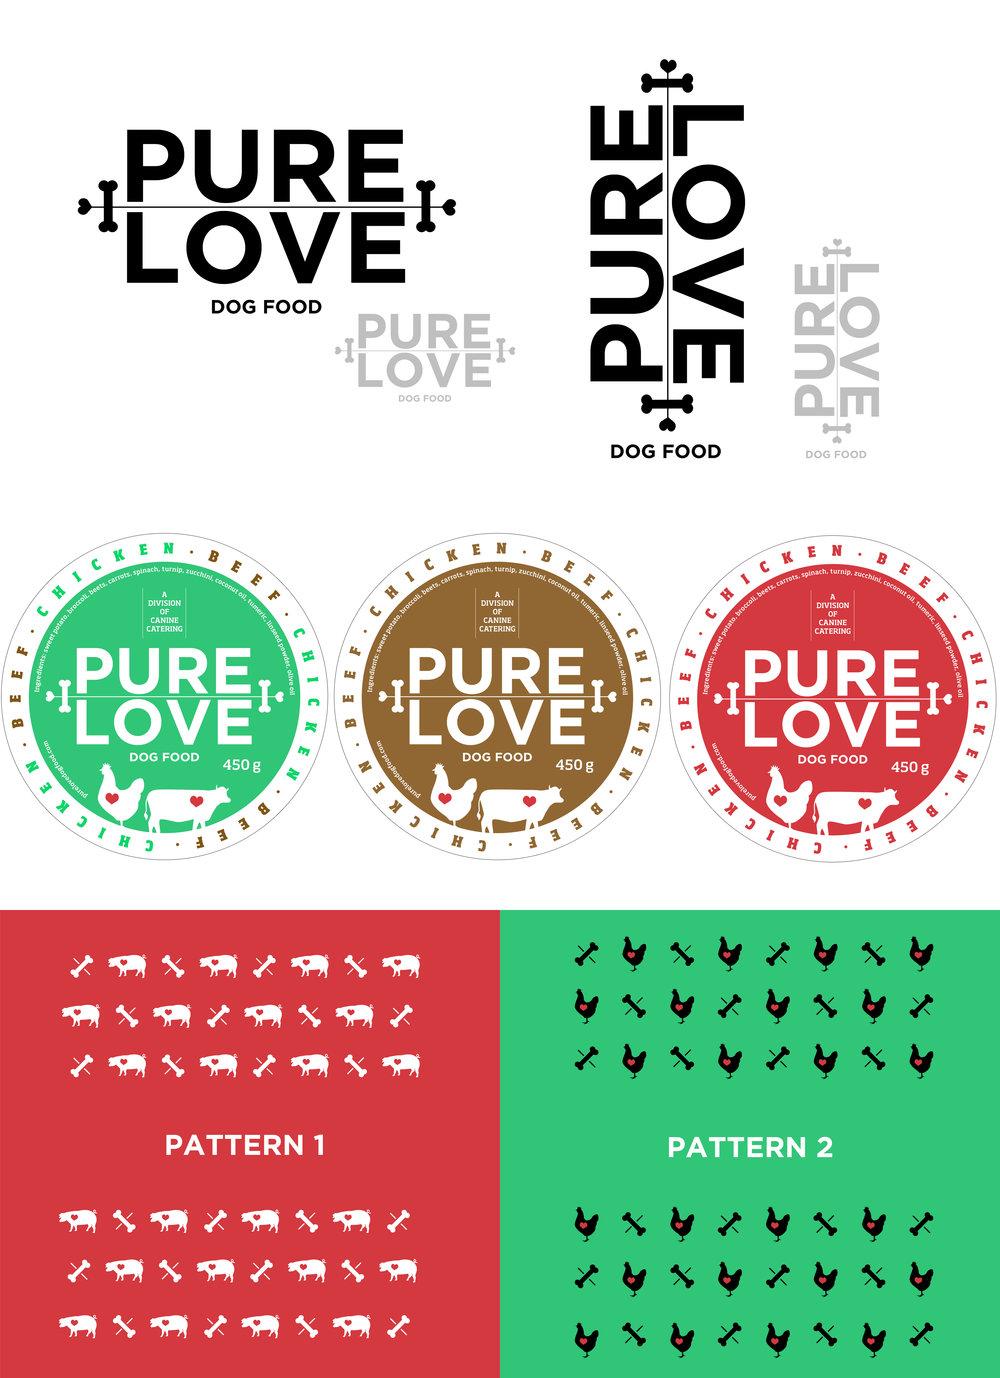 PLDF_style_guide_1.jpg